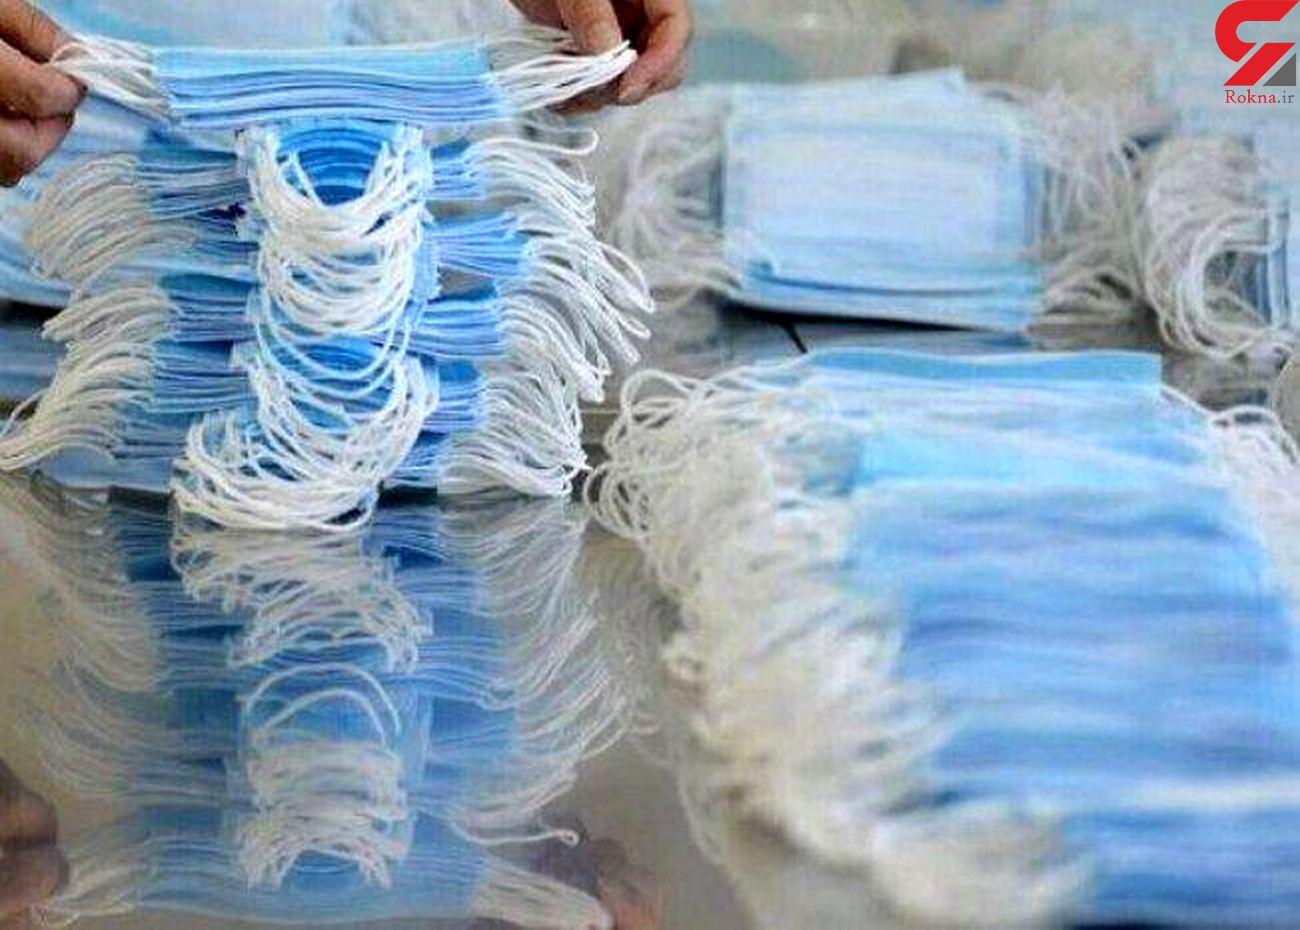 هنوز هم ماسک قاچاق می شود/ دستگیری 5 قاچاقچی در روز پرکار پلیس کرمانشاه